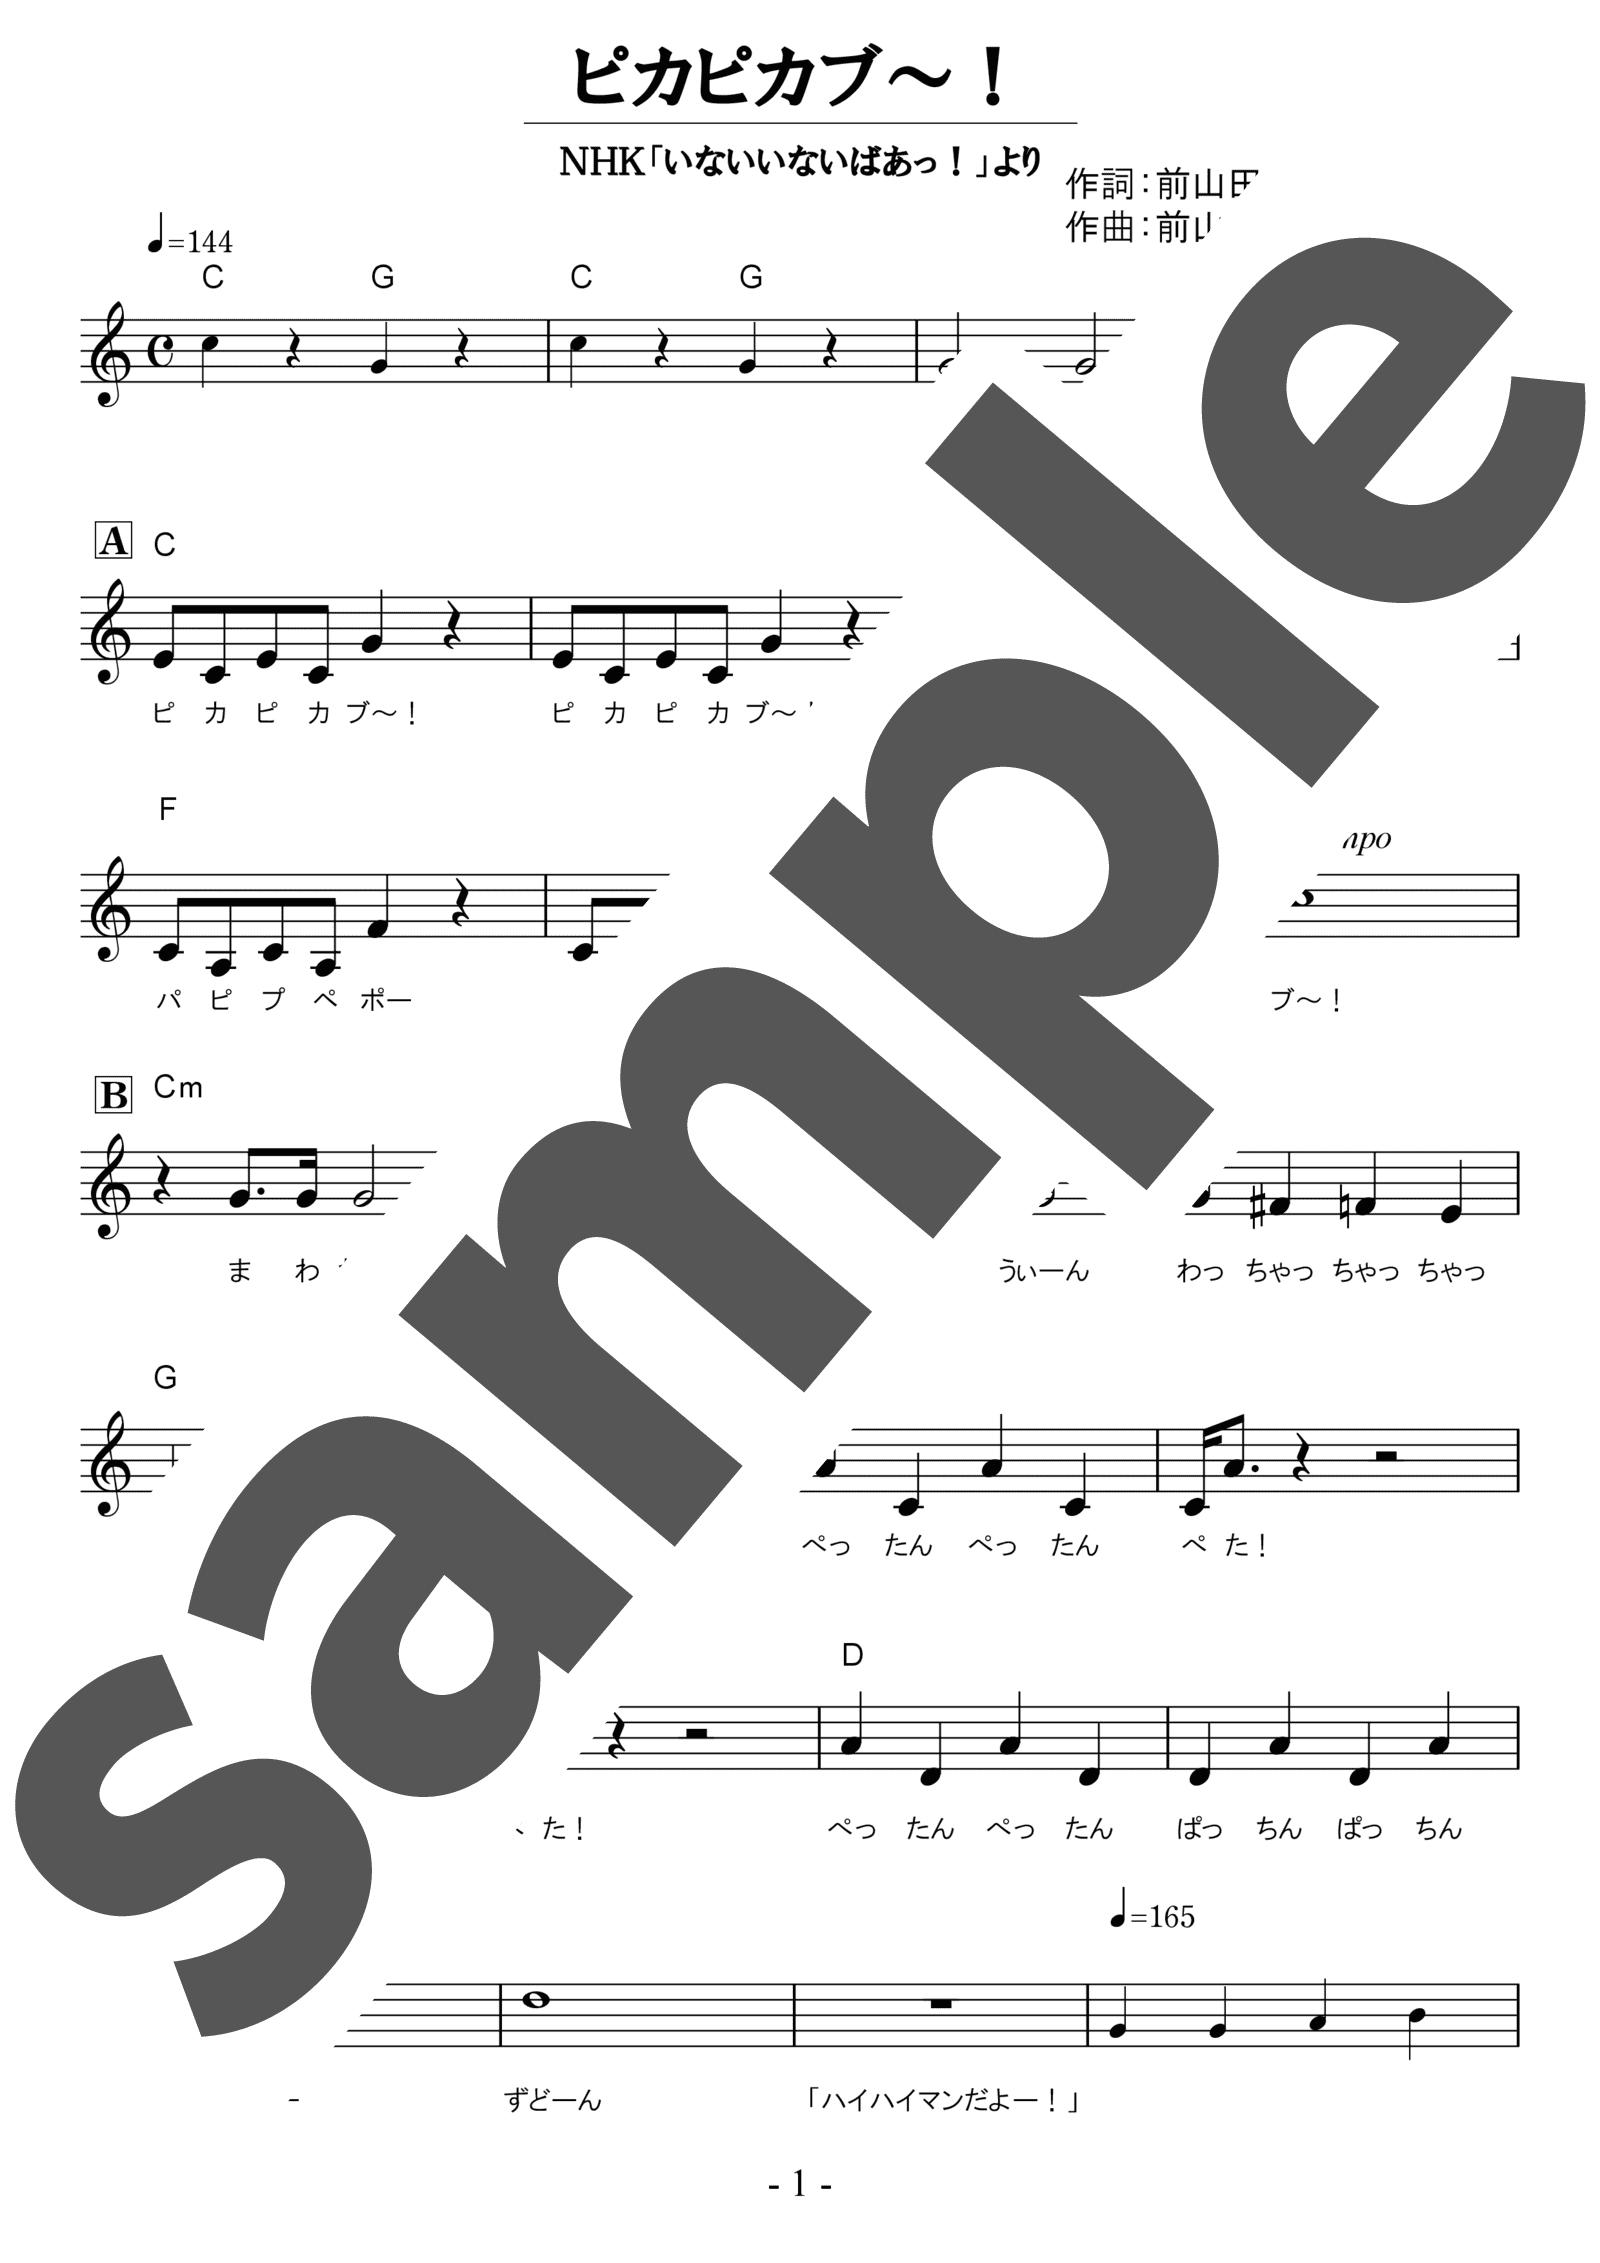 「ピカピカブ~!」のサンプル楽譜